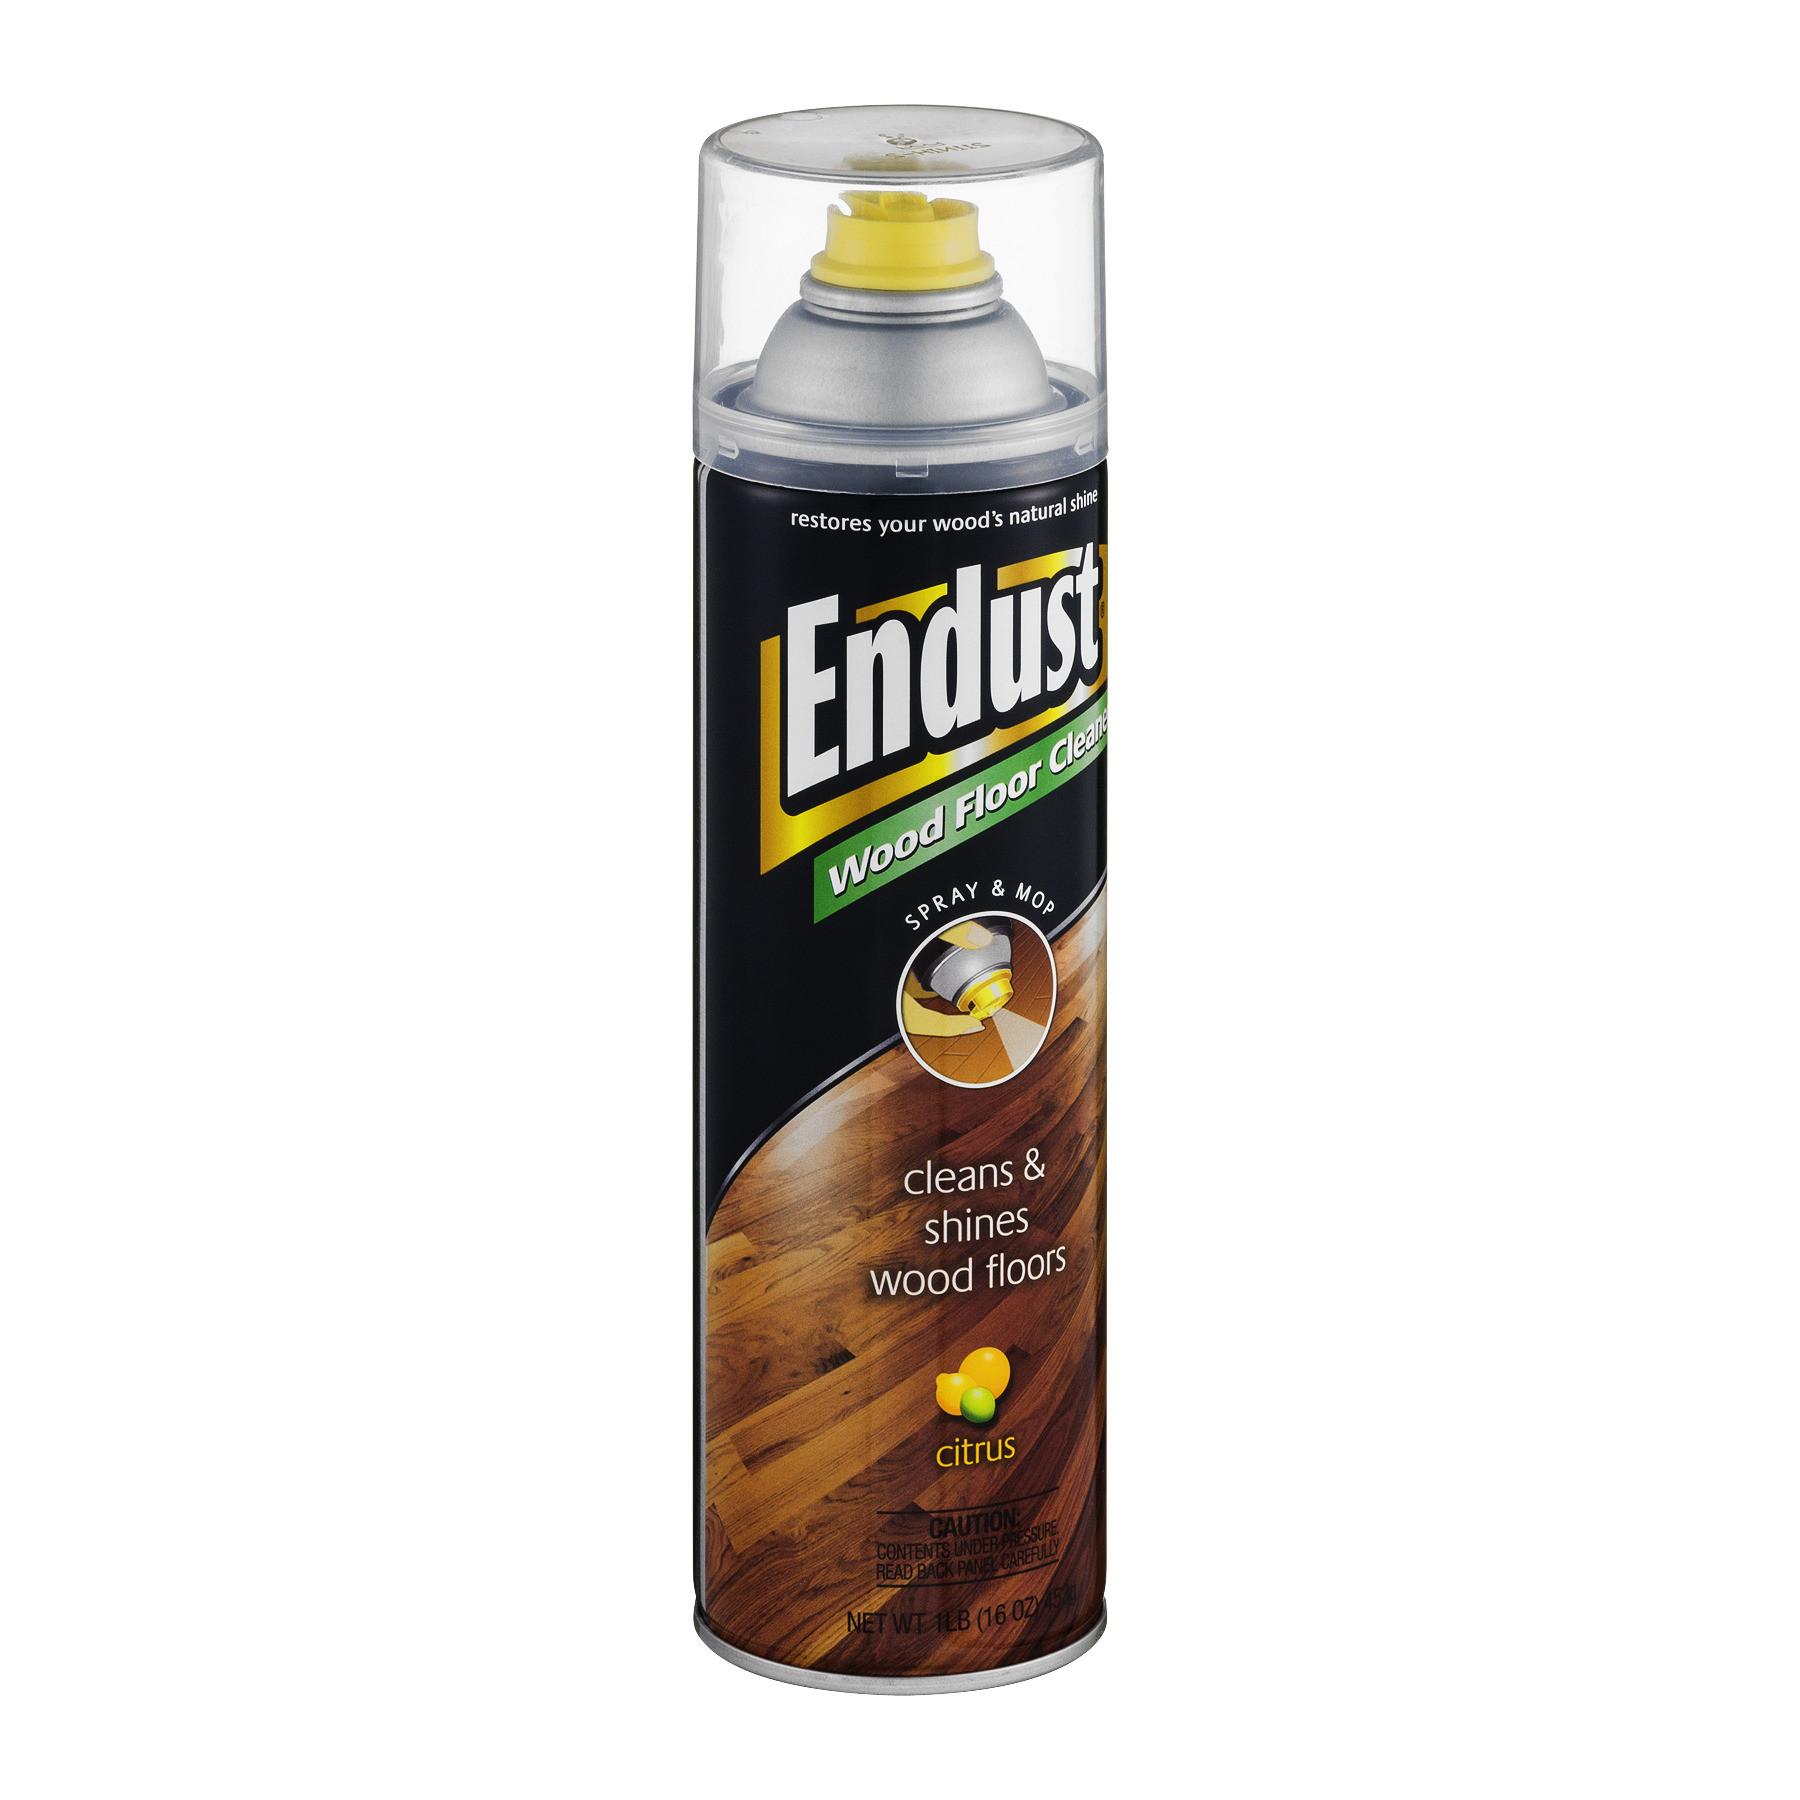 hardwood floor cleaner mop of endust citrus wood floor cleaner 16 oz walmart com throughout 6aa82809 ebe2 408e bdd2 c187658772c5 1 8ed41dfe4c578f8c36683d60de60209a